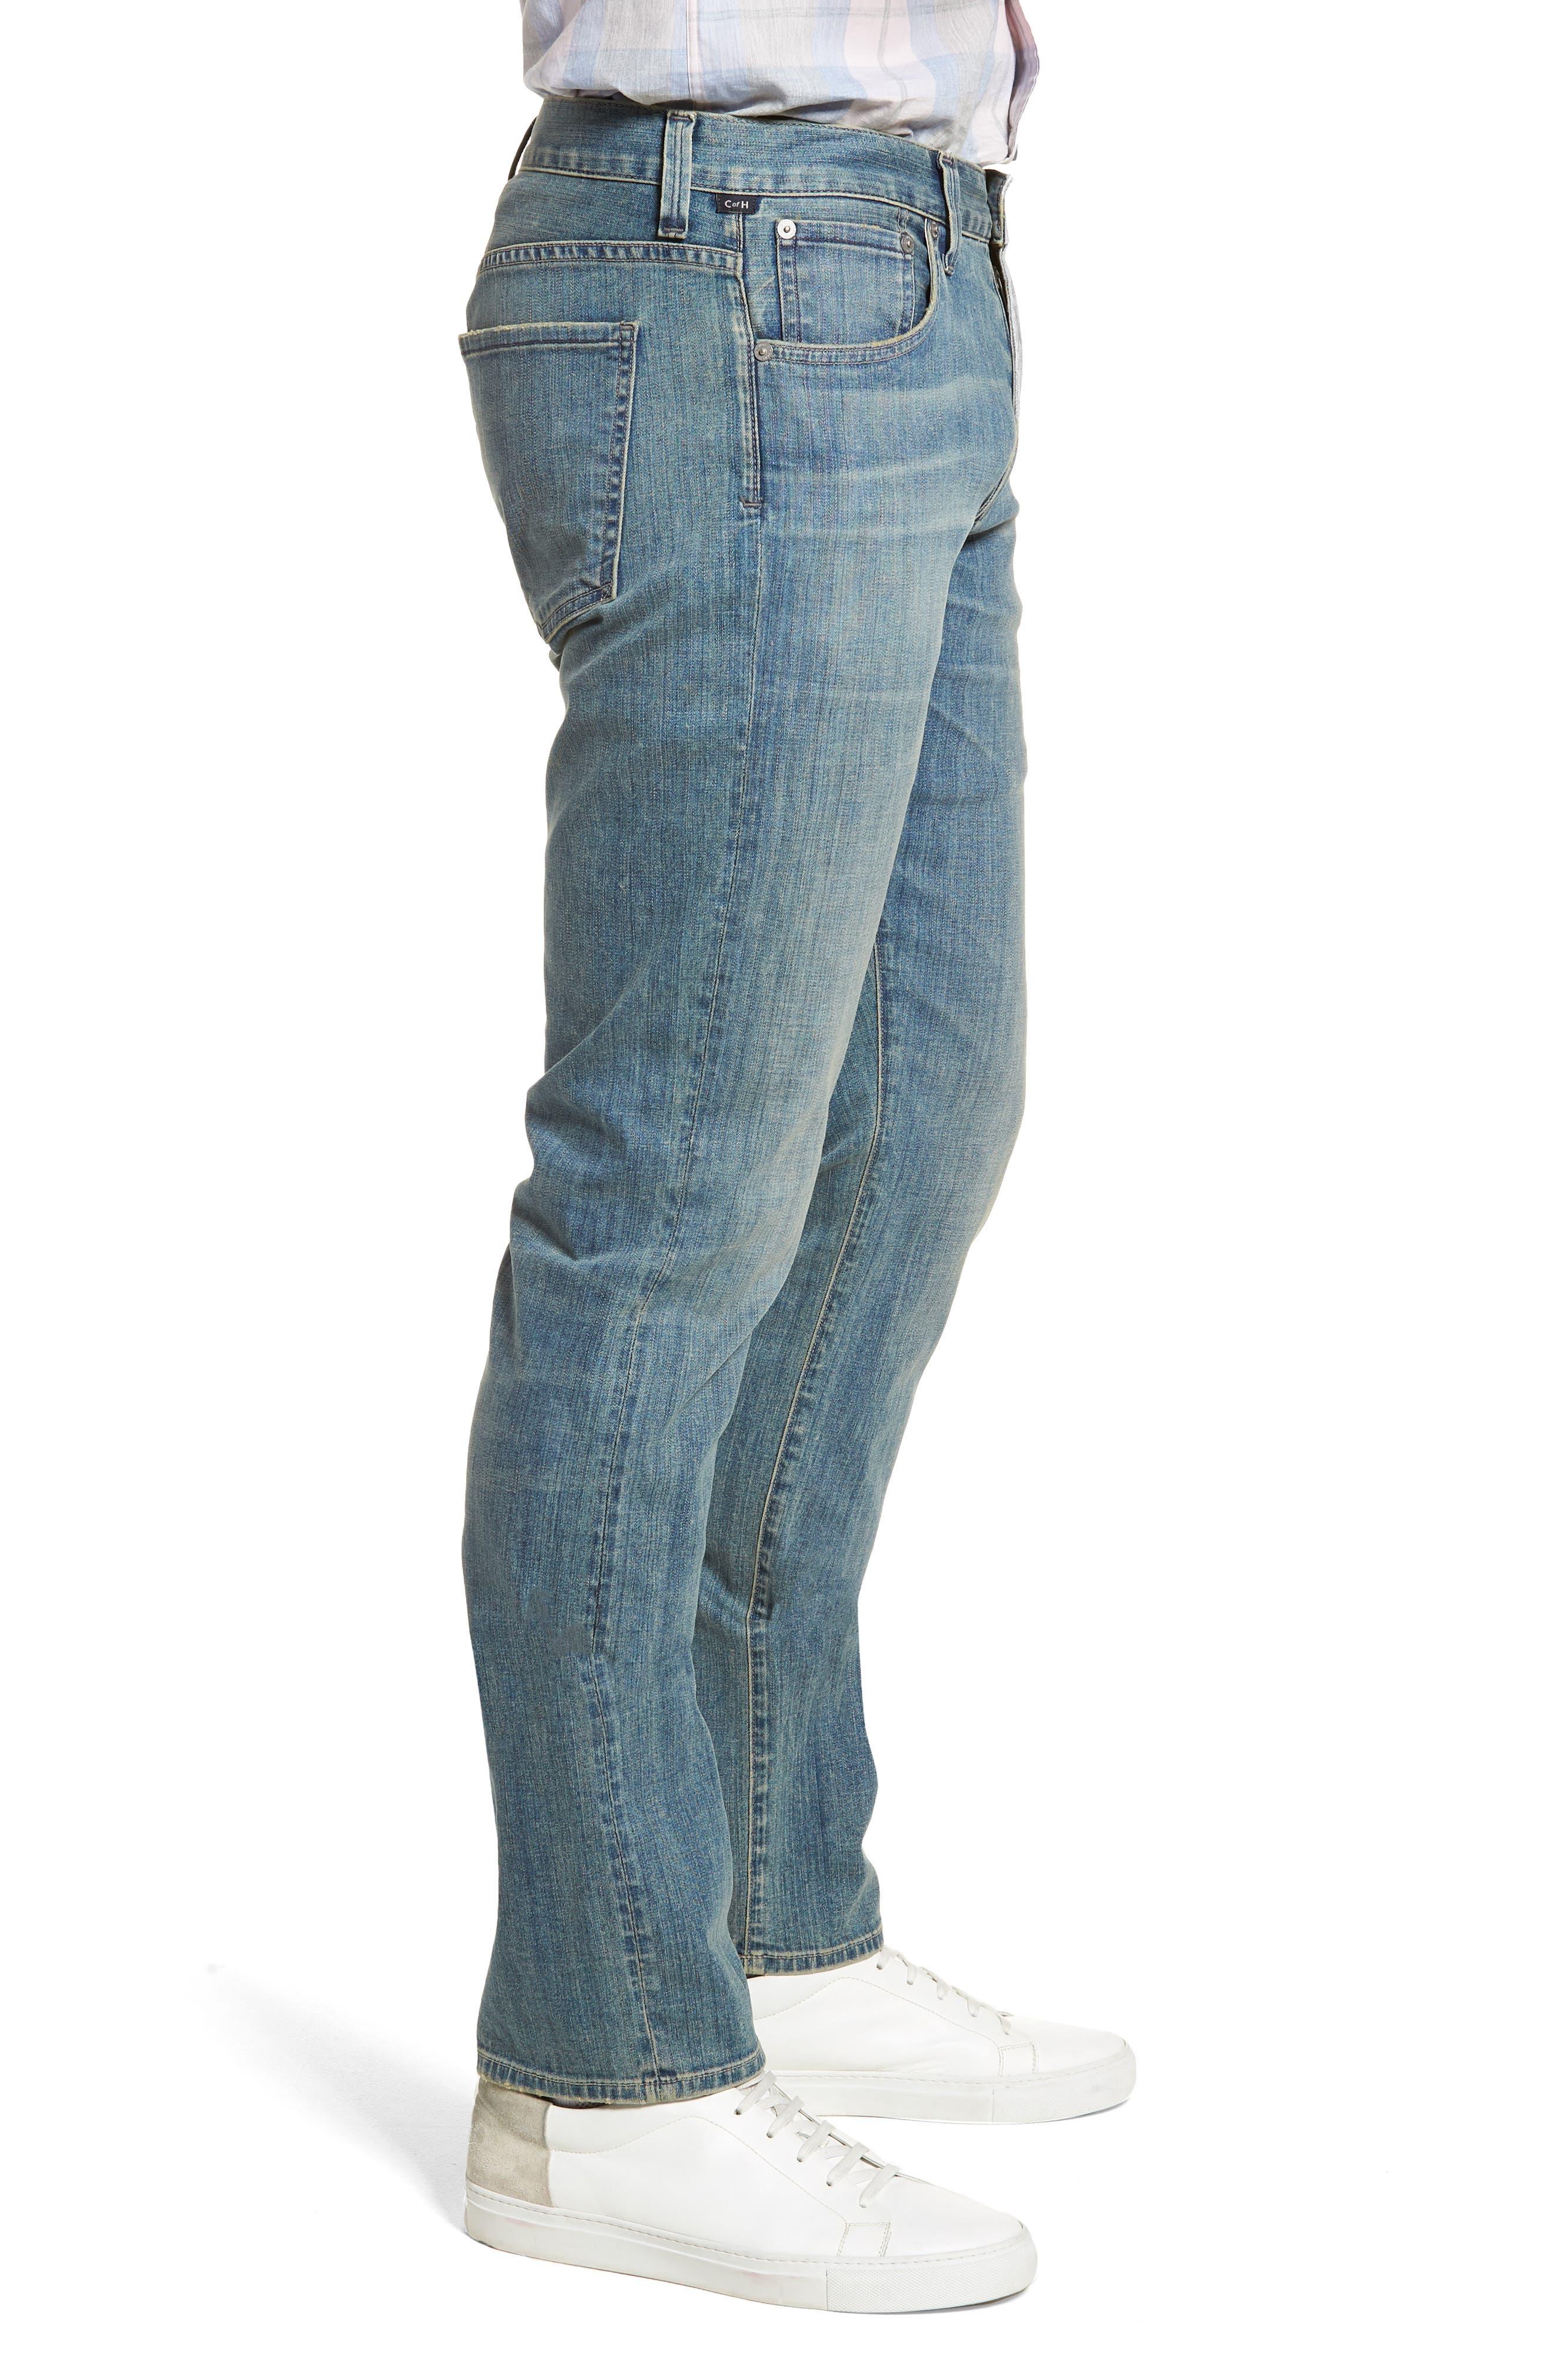 Gage Slim Straight Leg Jeans,                             Alternate thumbnail 3, color,                             Adler